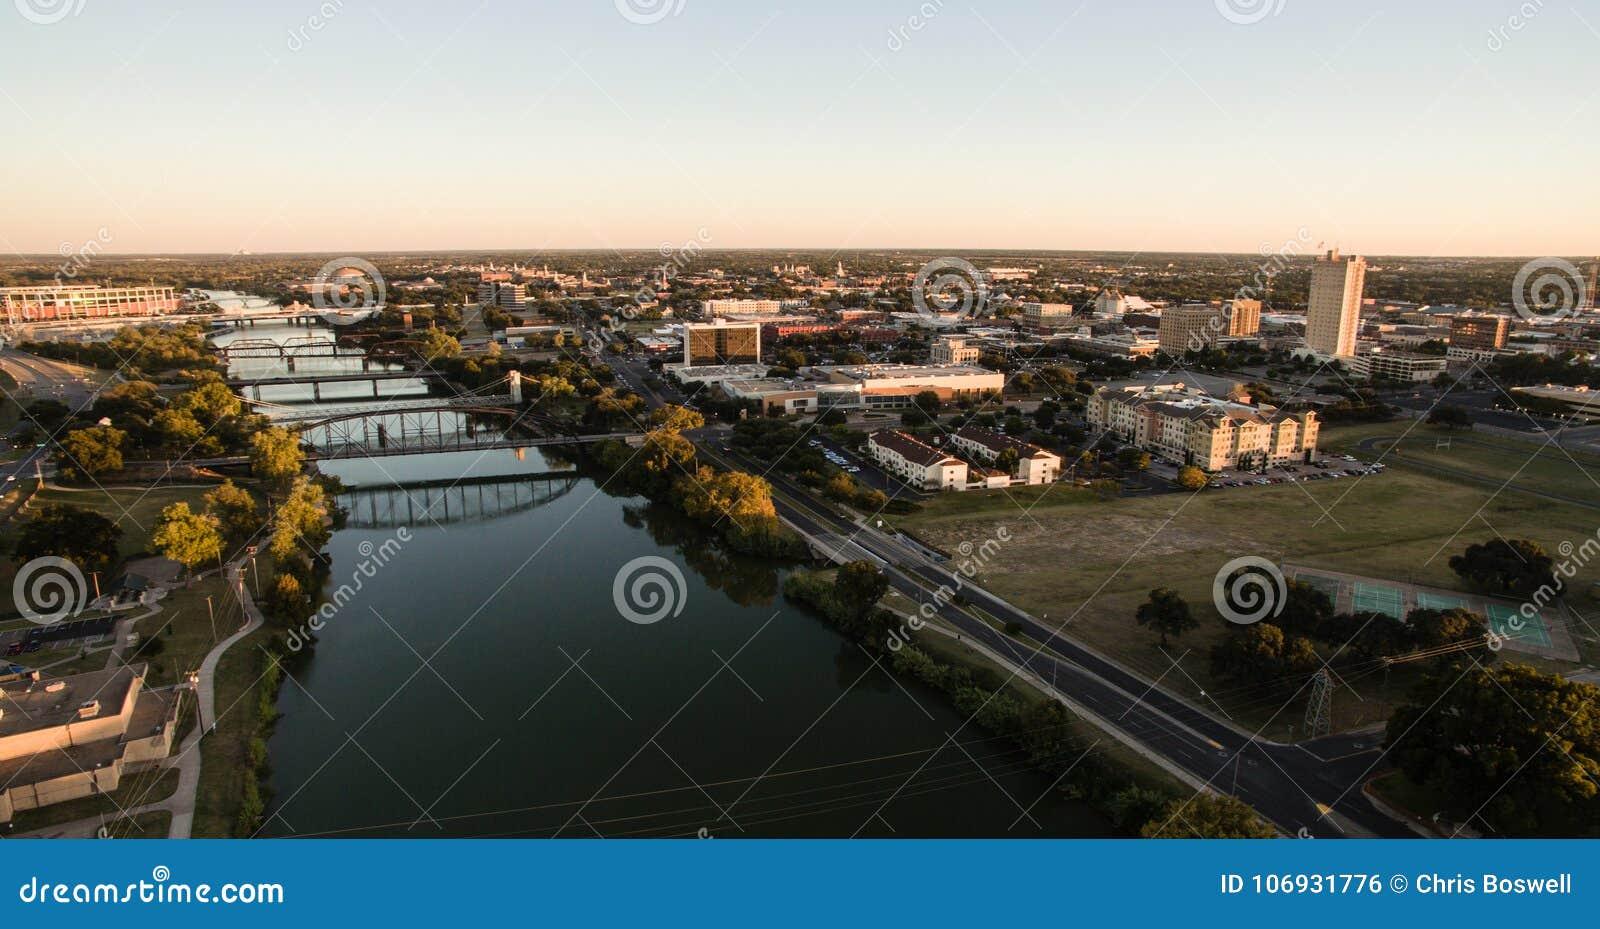 Im Stadtzentrum gelegener Waco Texas River Waterfront City Architecture